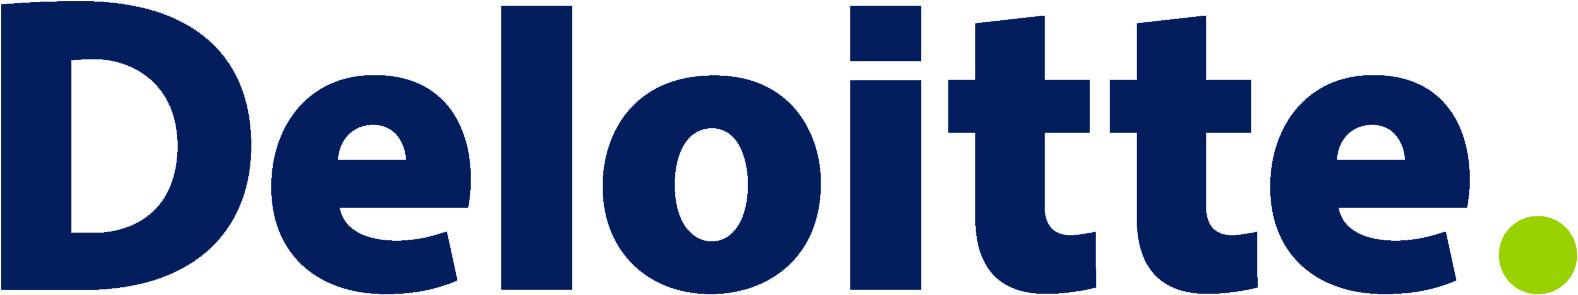 Deloitte Logo Airconmech